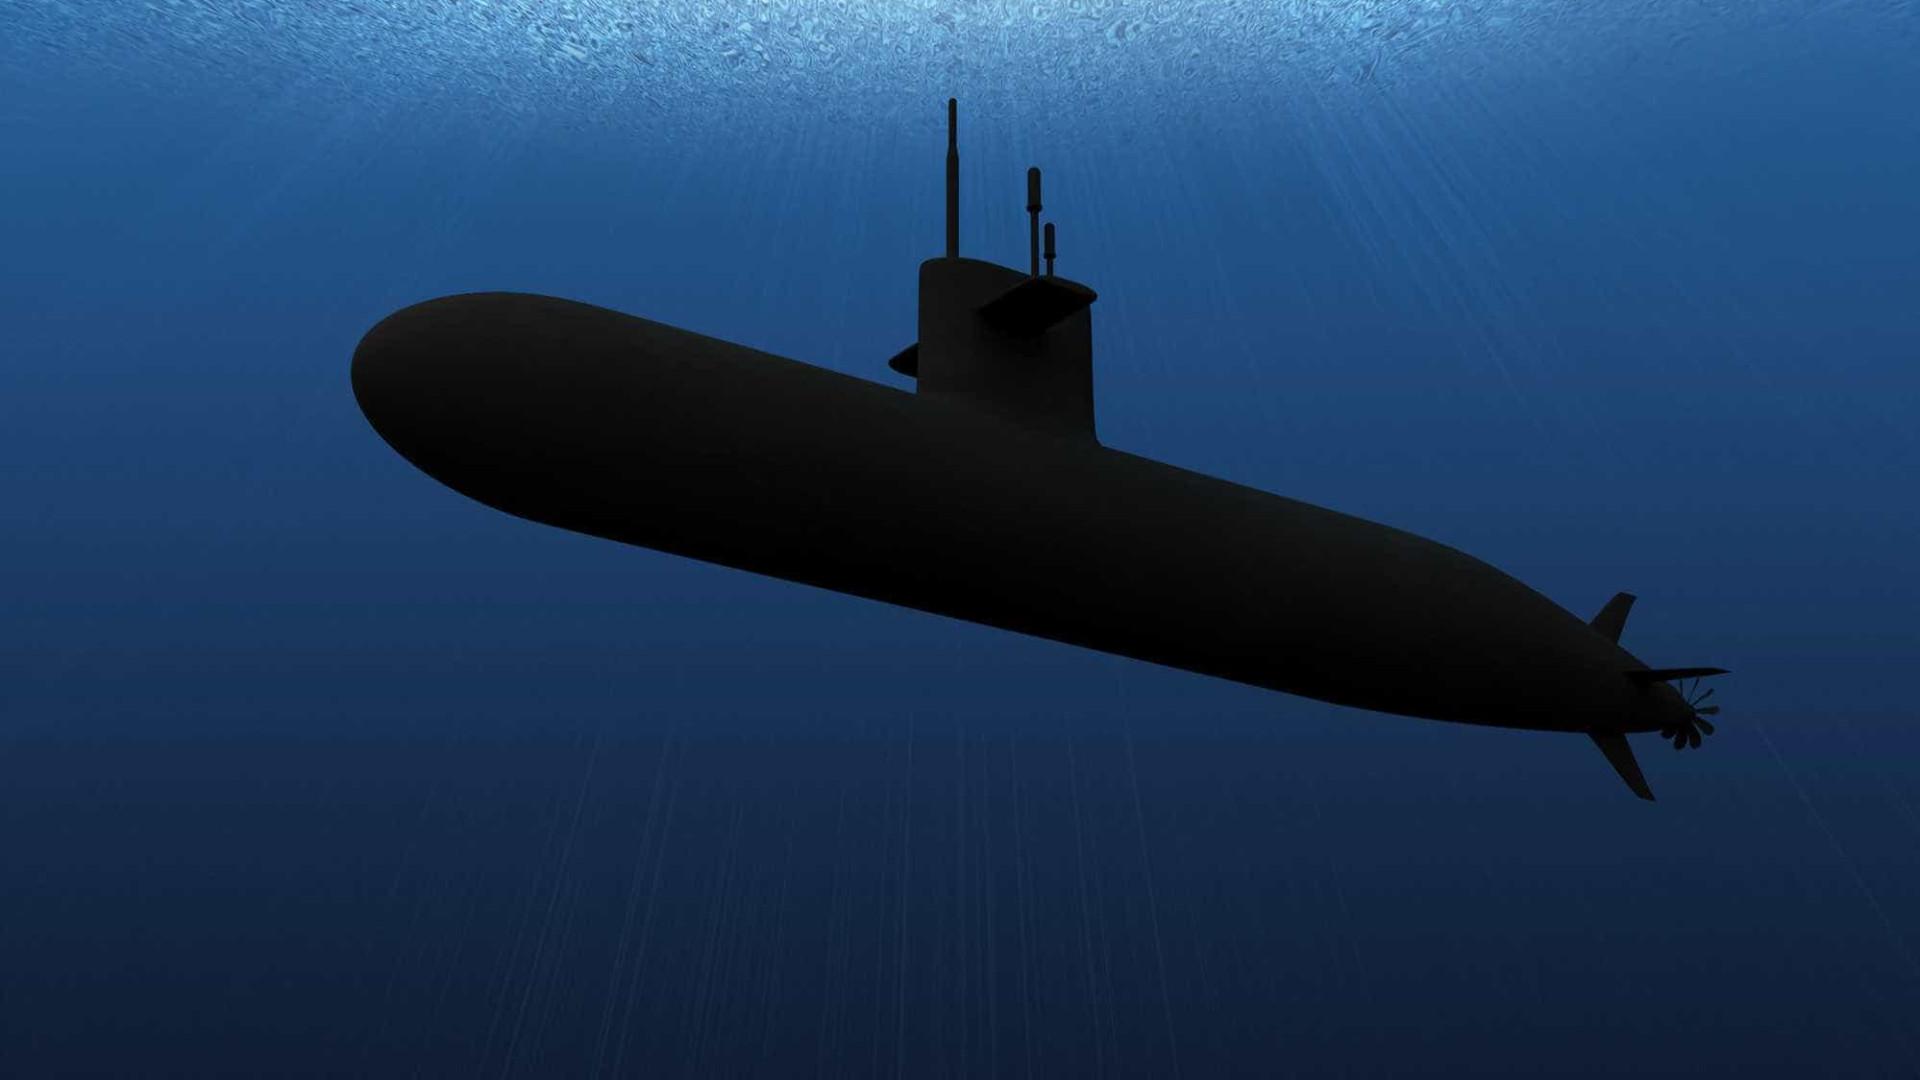 Submarino vazio adensa mistério na Dinamarca